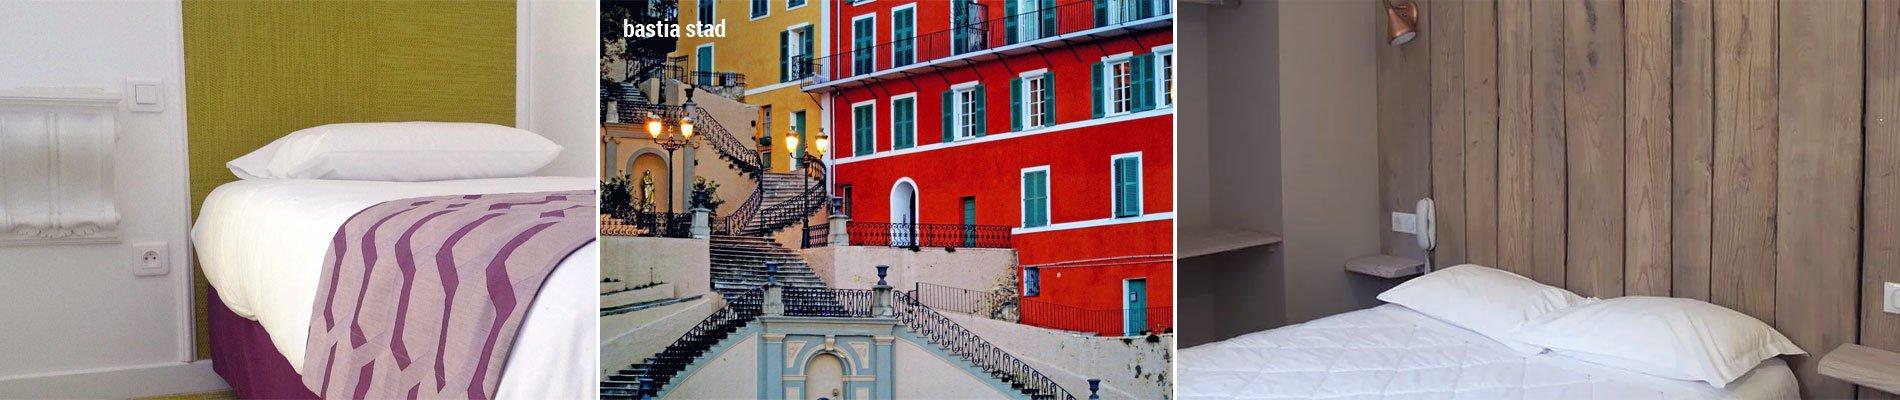 sud-hotel-bastia-corsica-reizen